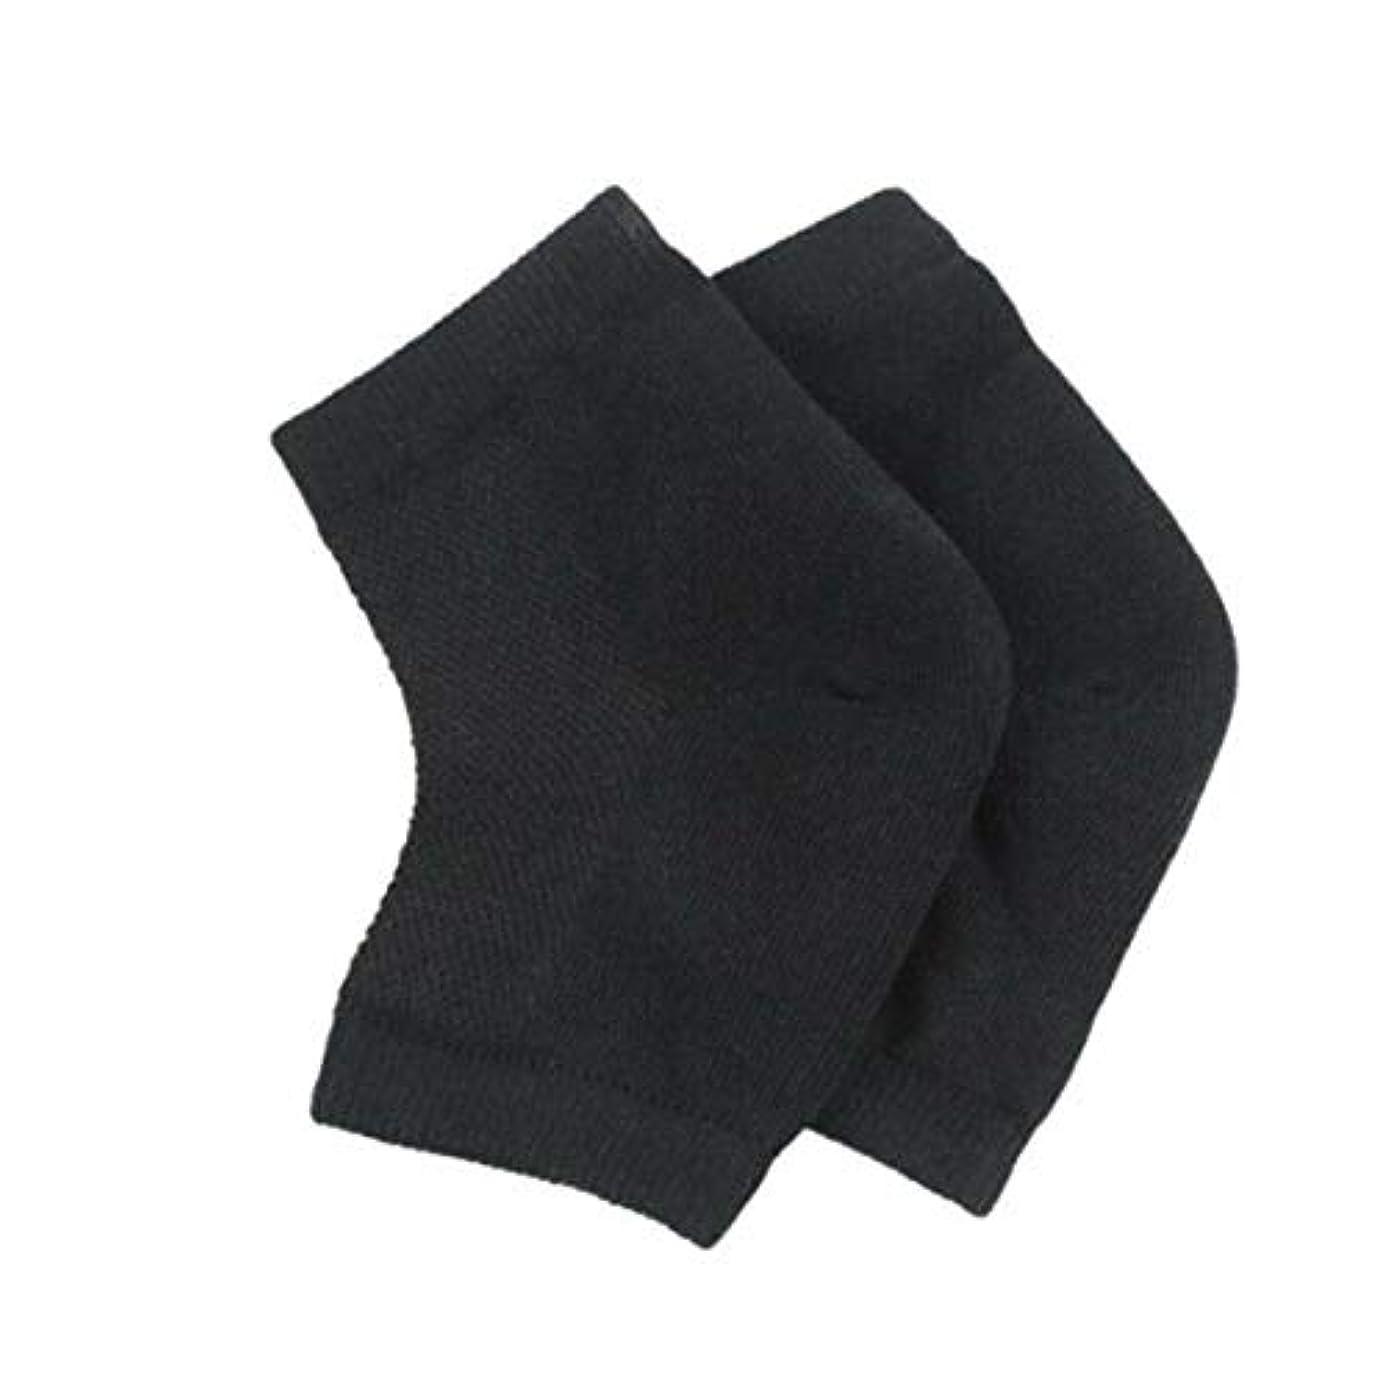 使役抵当またはかかとケア靴下 足サポーター 半分ソックス 足首用 角質ケア/保湿/美容 左右セット フリーサイズ 男女適用 (黒色)